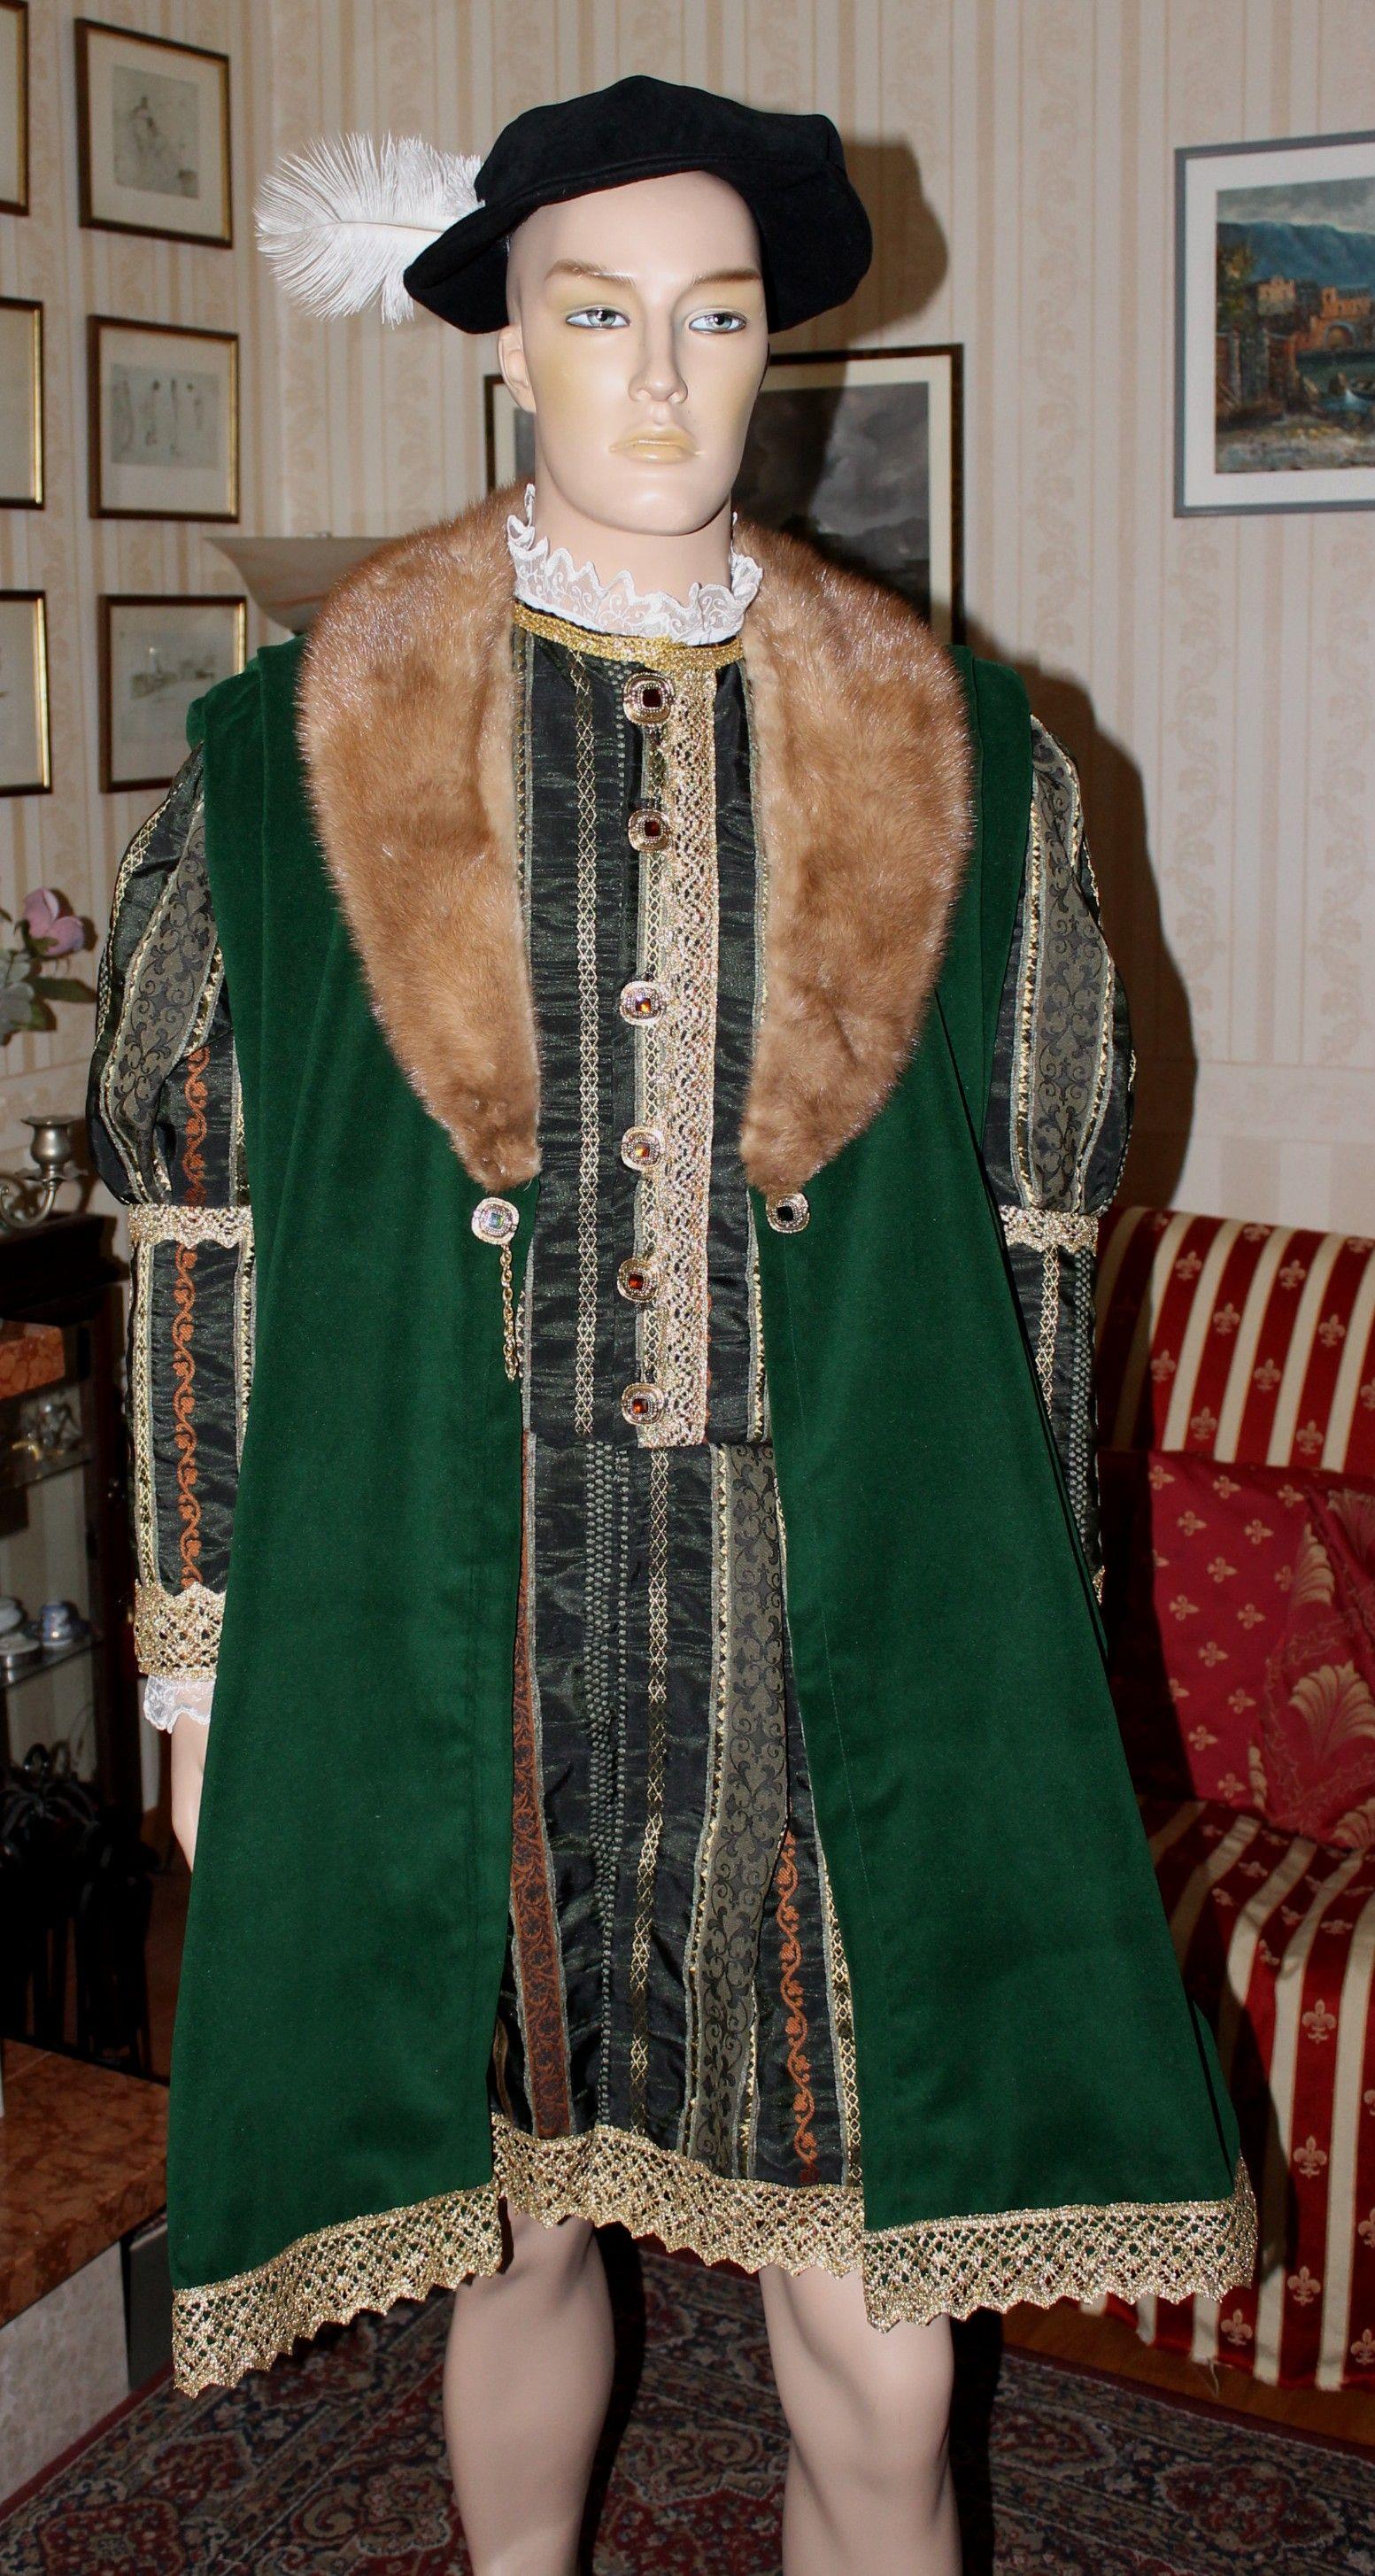 72708f259bef ABITI STORICI MASCHILI 1500 INGLESE Abito Costume storico maschile prima  metà 1500 inglese